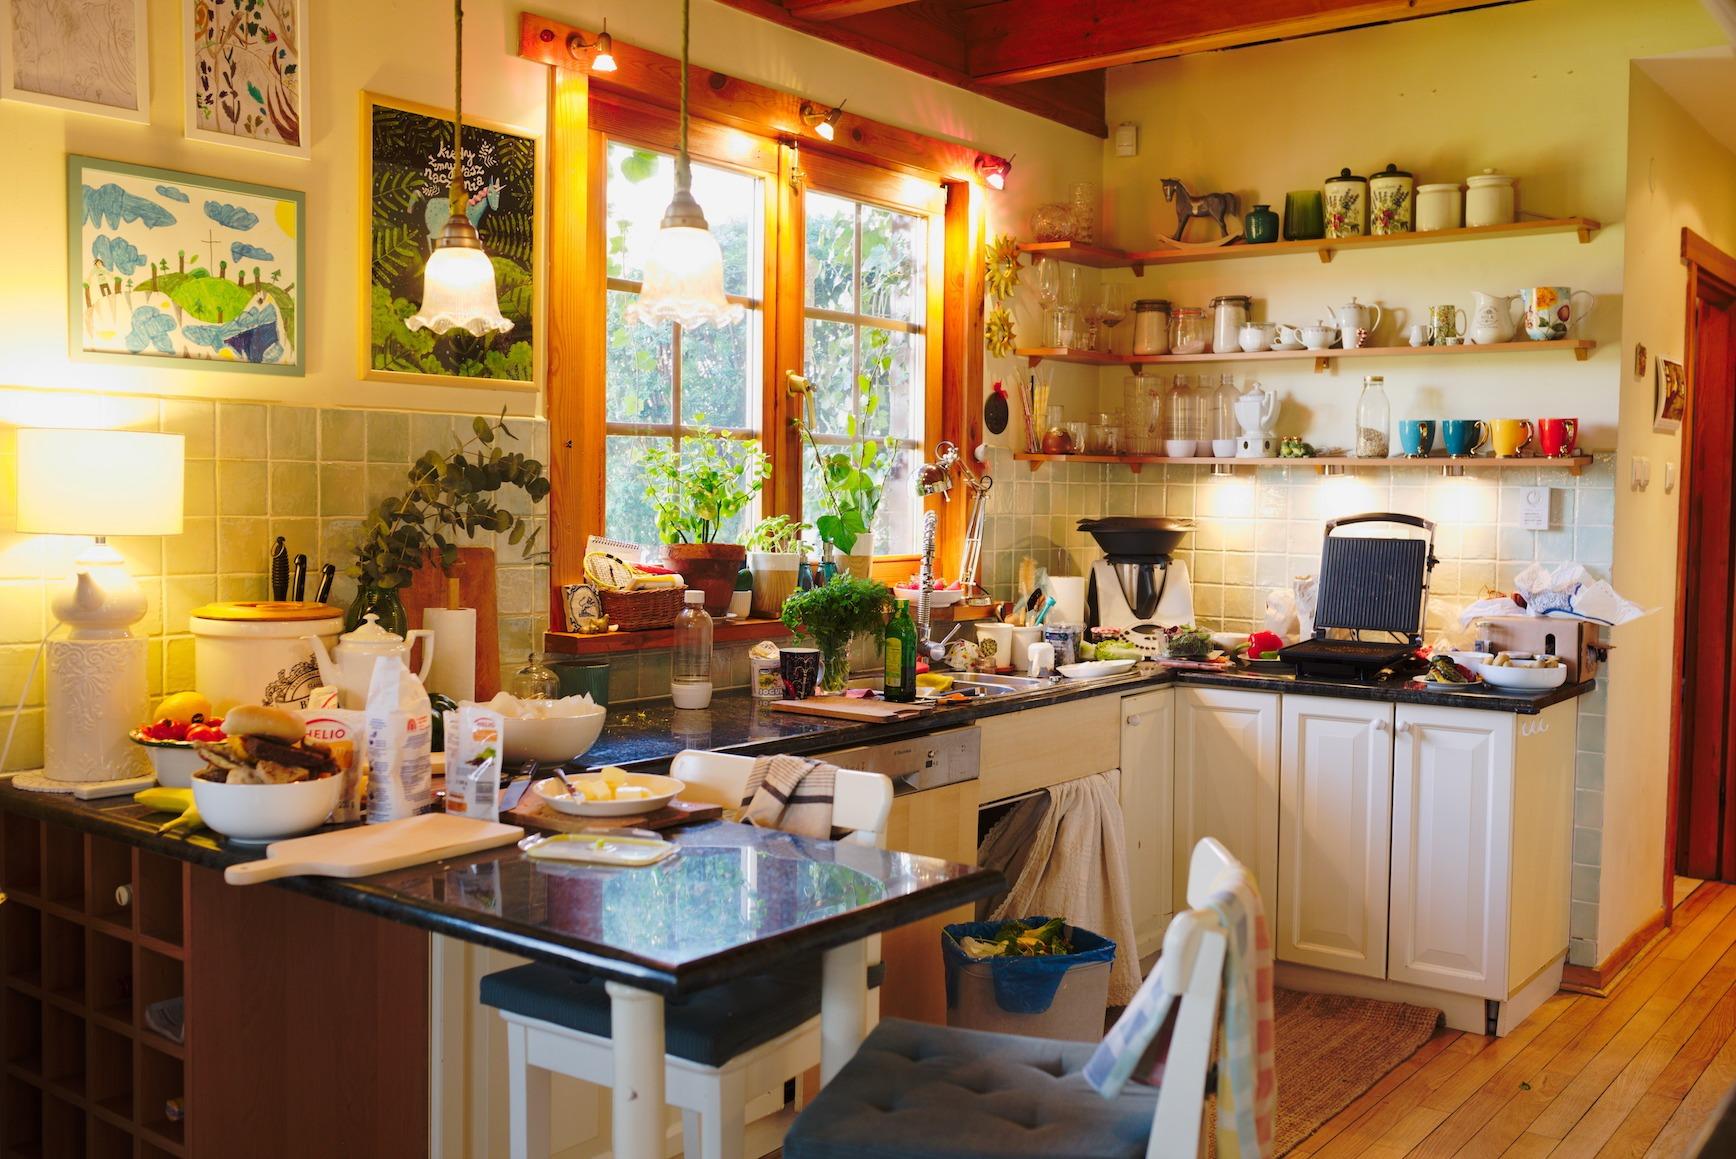 Ula Pedantula kuchnia przed